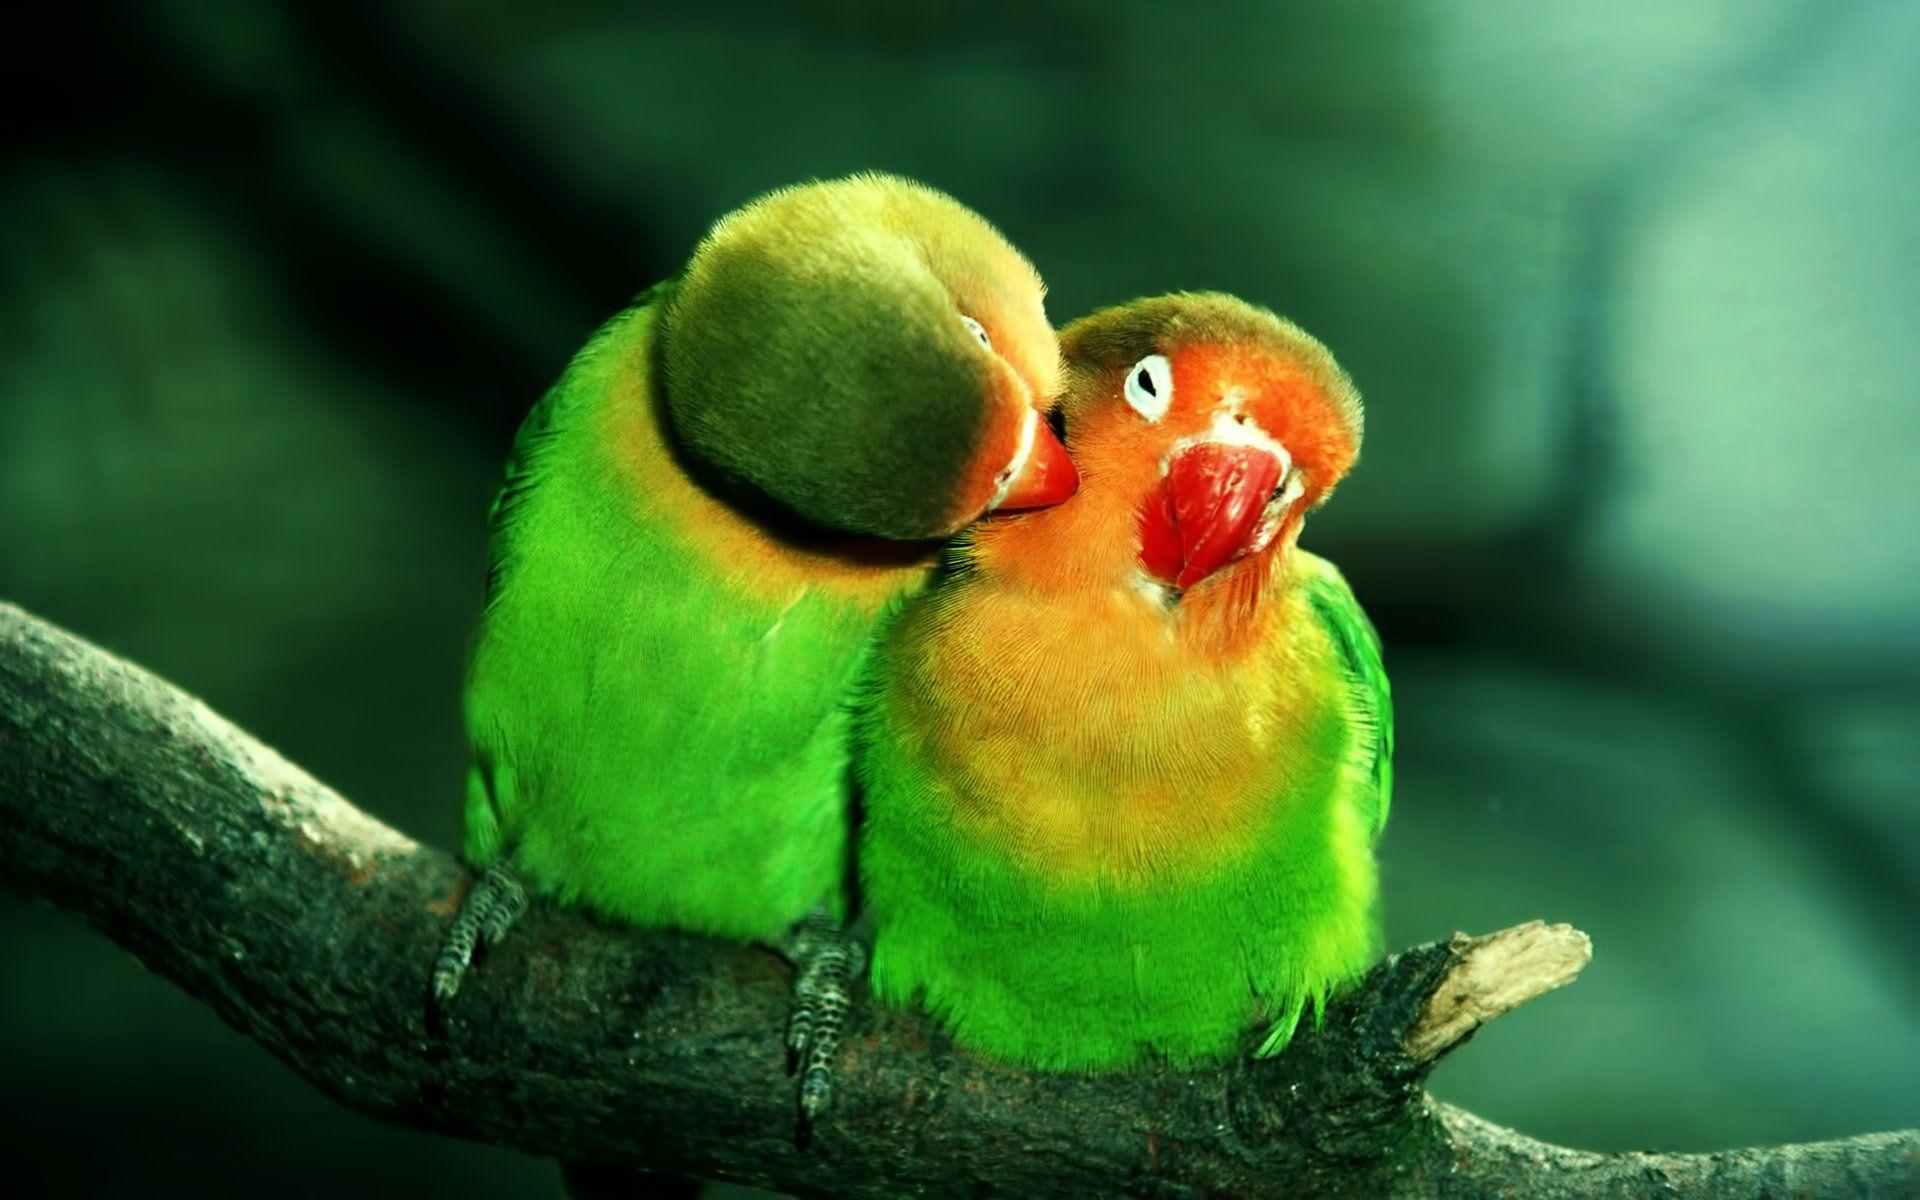 parrot photos hd